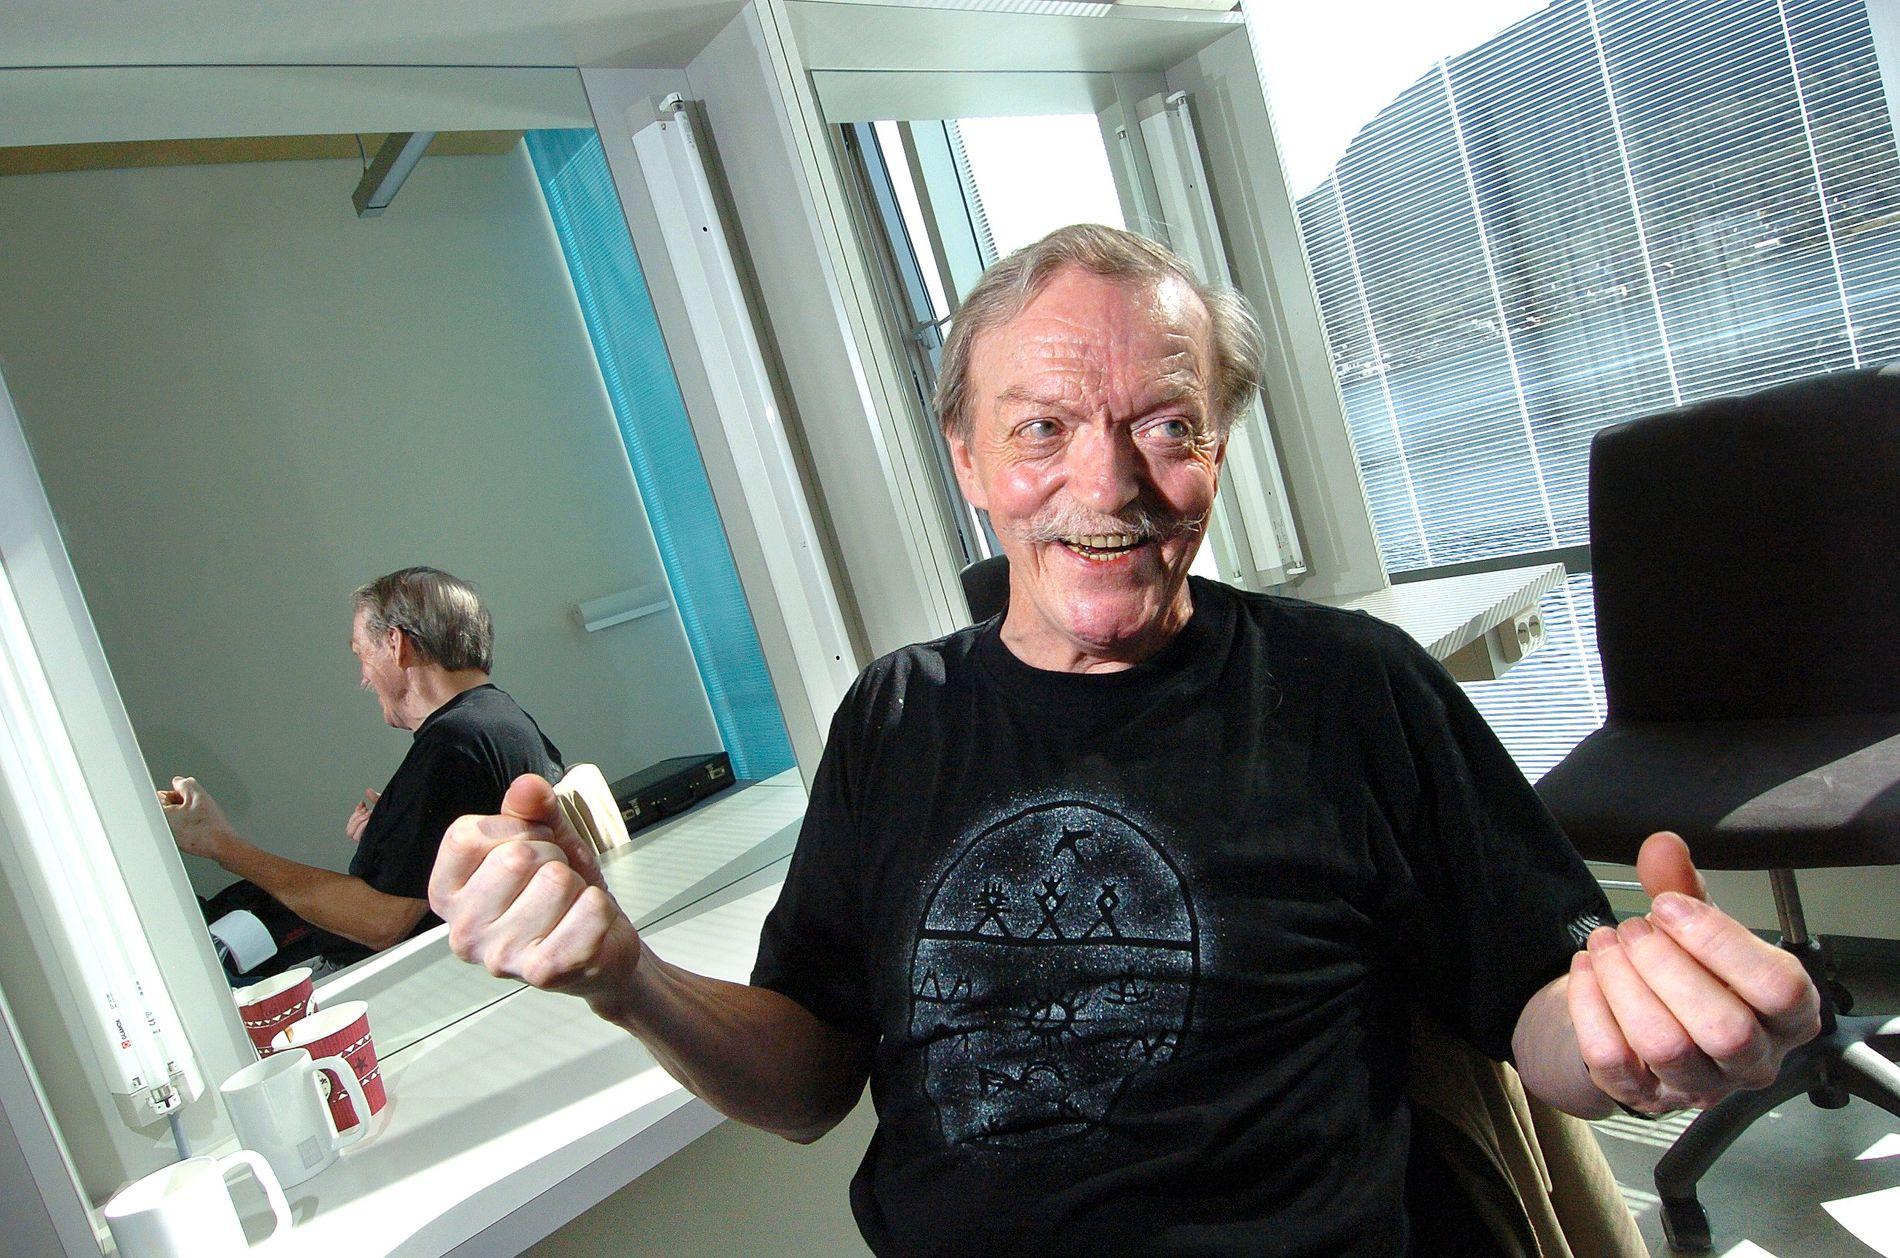 VIKTIG PERSON: – Jeg har bare fine minner knyttet til Nils Reidar Utsi. Han var en viktig person for meg, sier Sverre Porsanger om mannen som var som en far for ham.